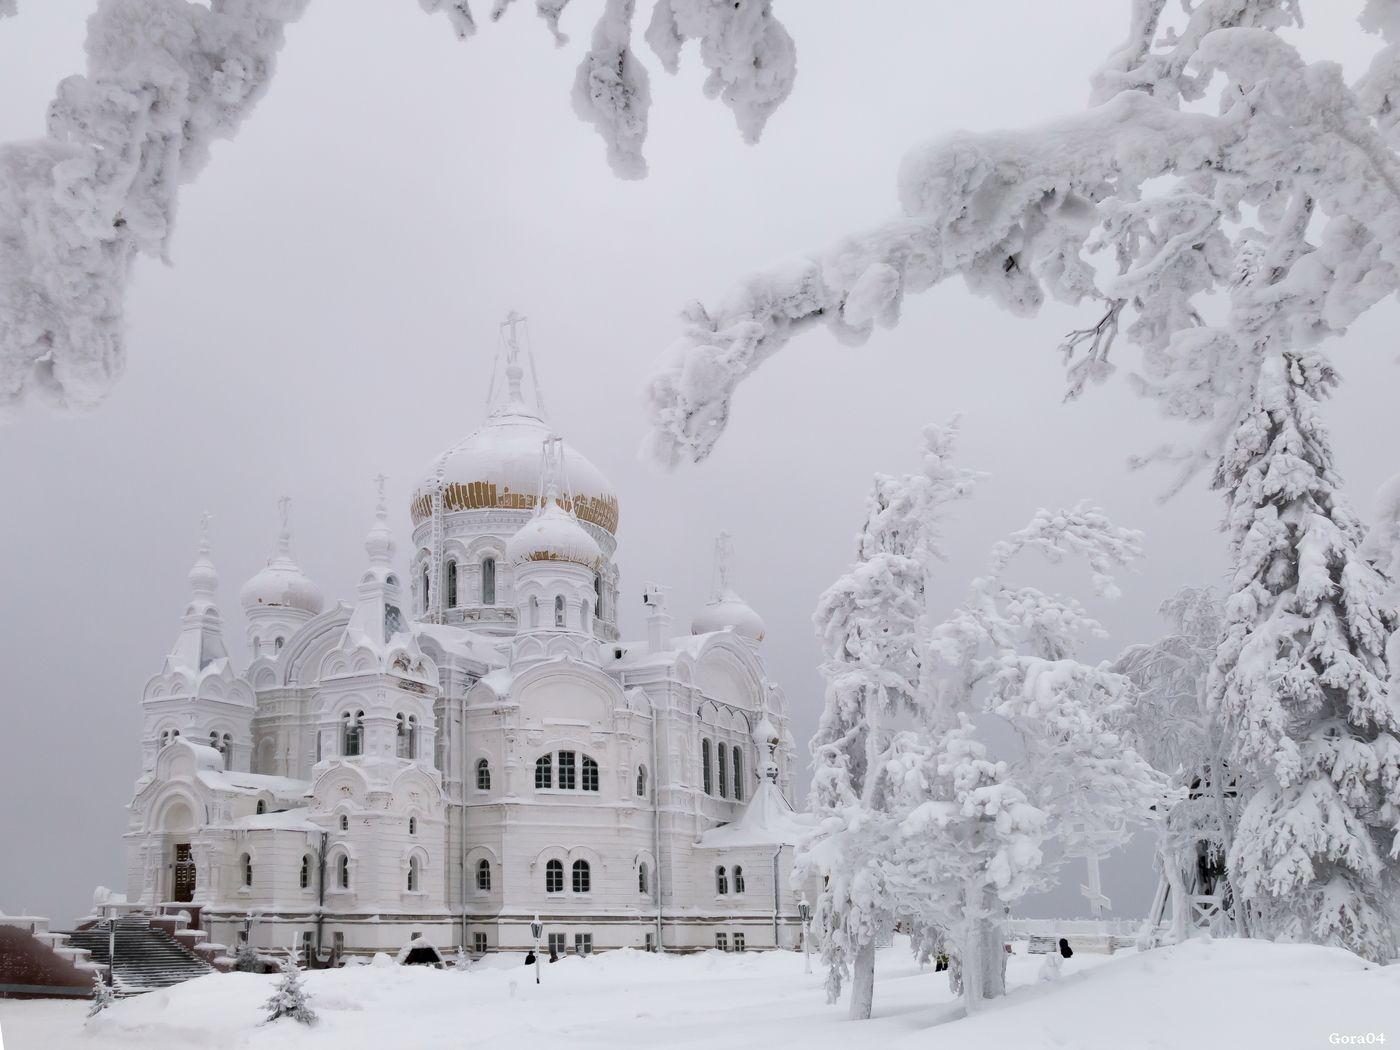 Фото зимняя белая церква